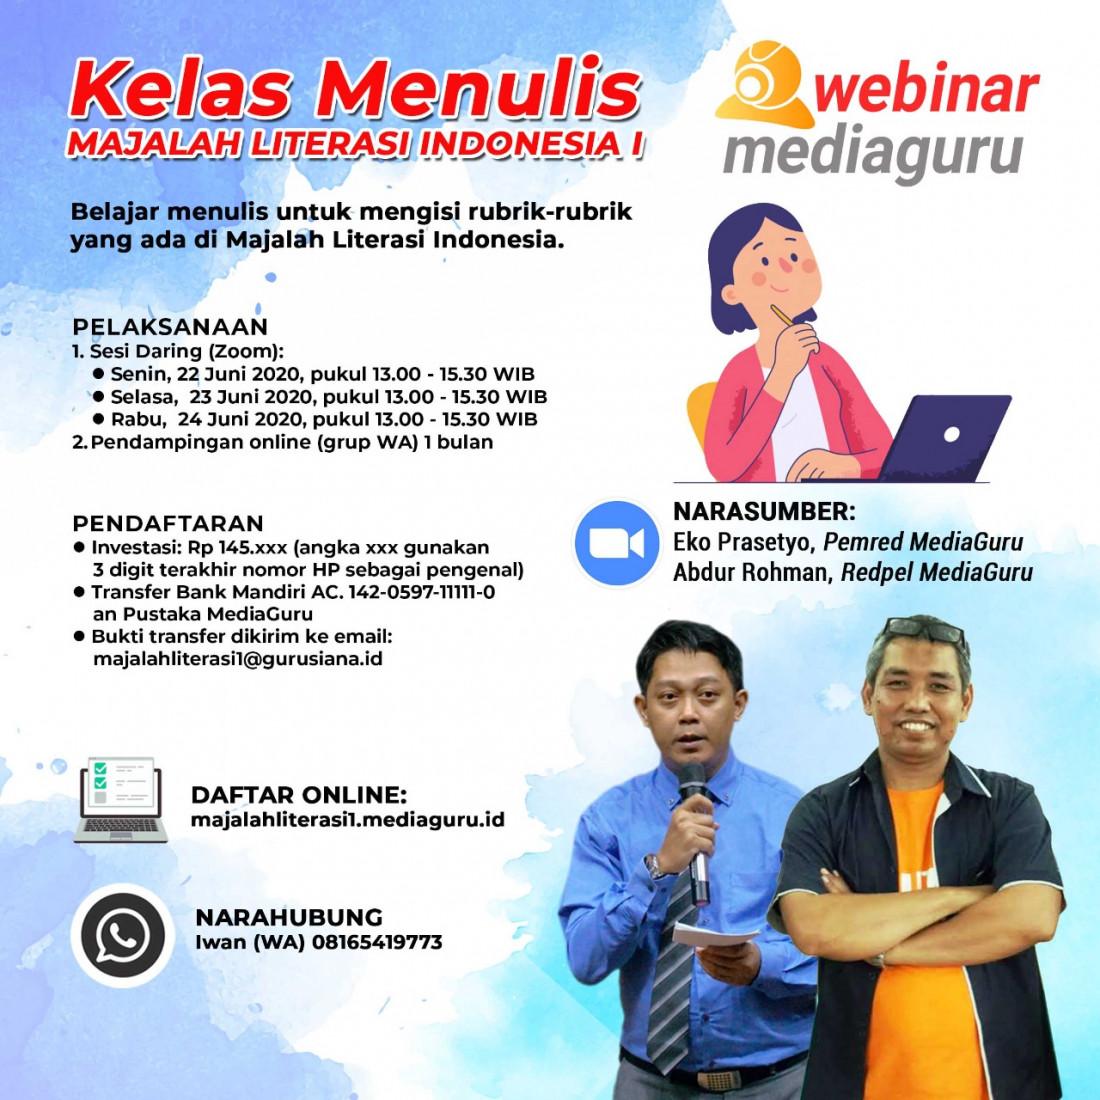 Kelas Menuli Majalah Literasi Indonesia I (22 - 24 Juni 2020)